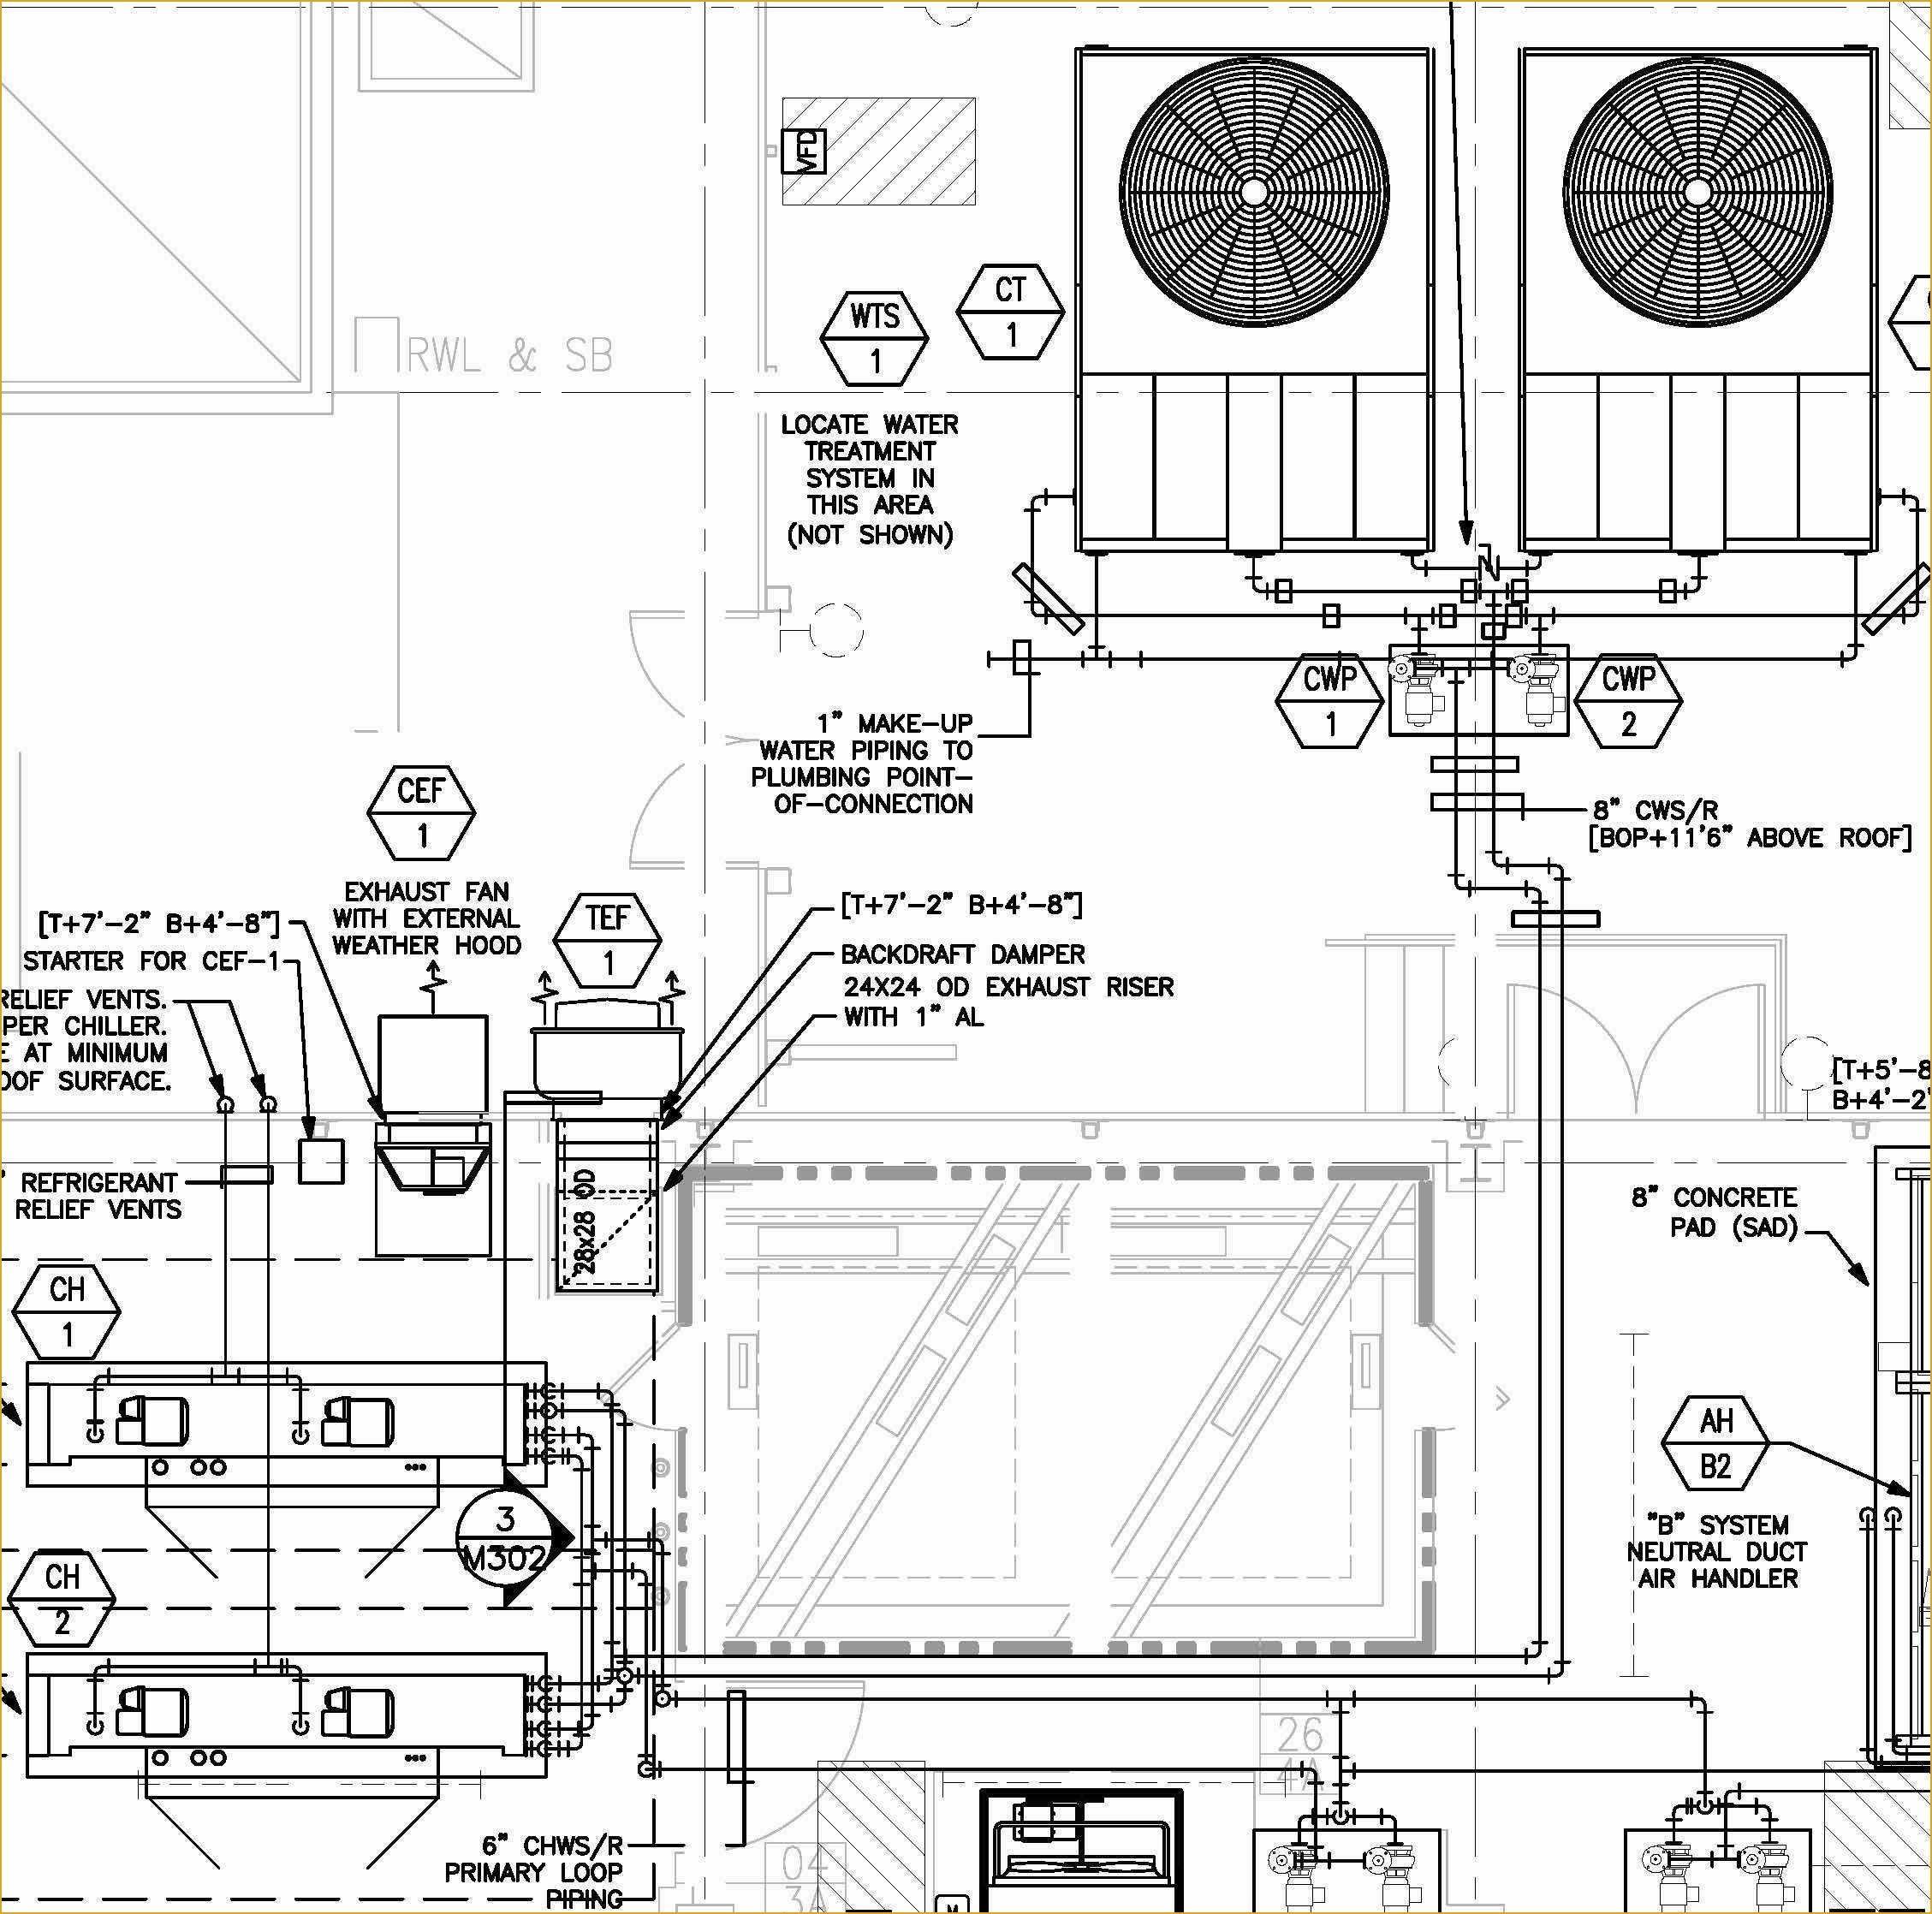 Car Electric Fan Wiring Diagram Wiring Diagram for A Buffer Of Car Electric Fan Wiring Diagram 04 Audi A4 Wiring Diagram Wiring Diagram New